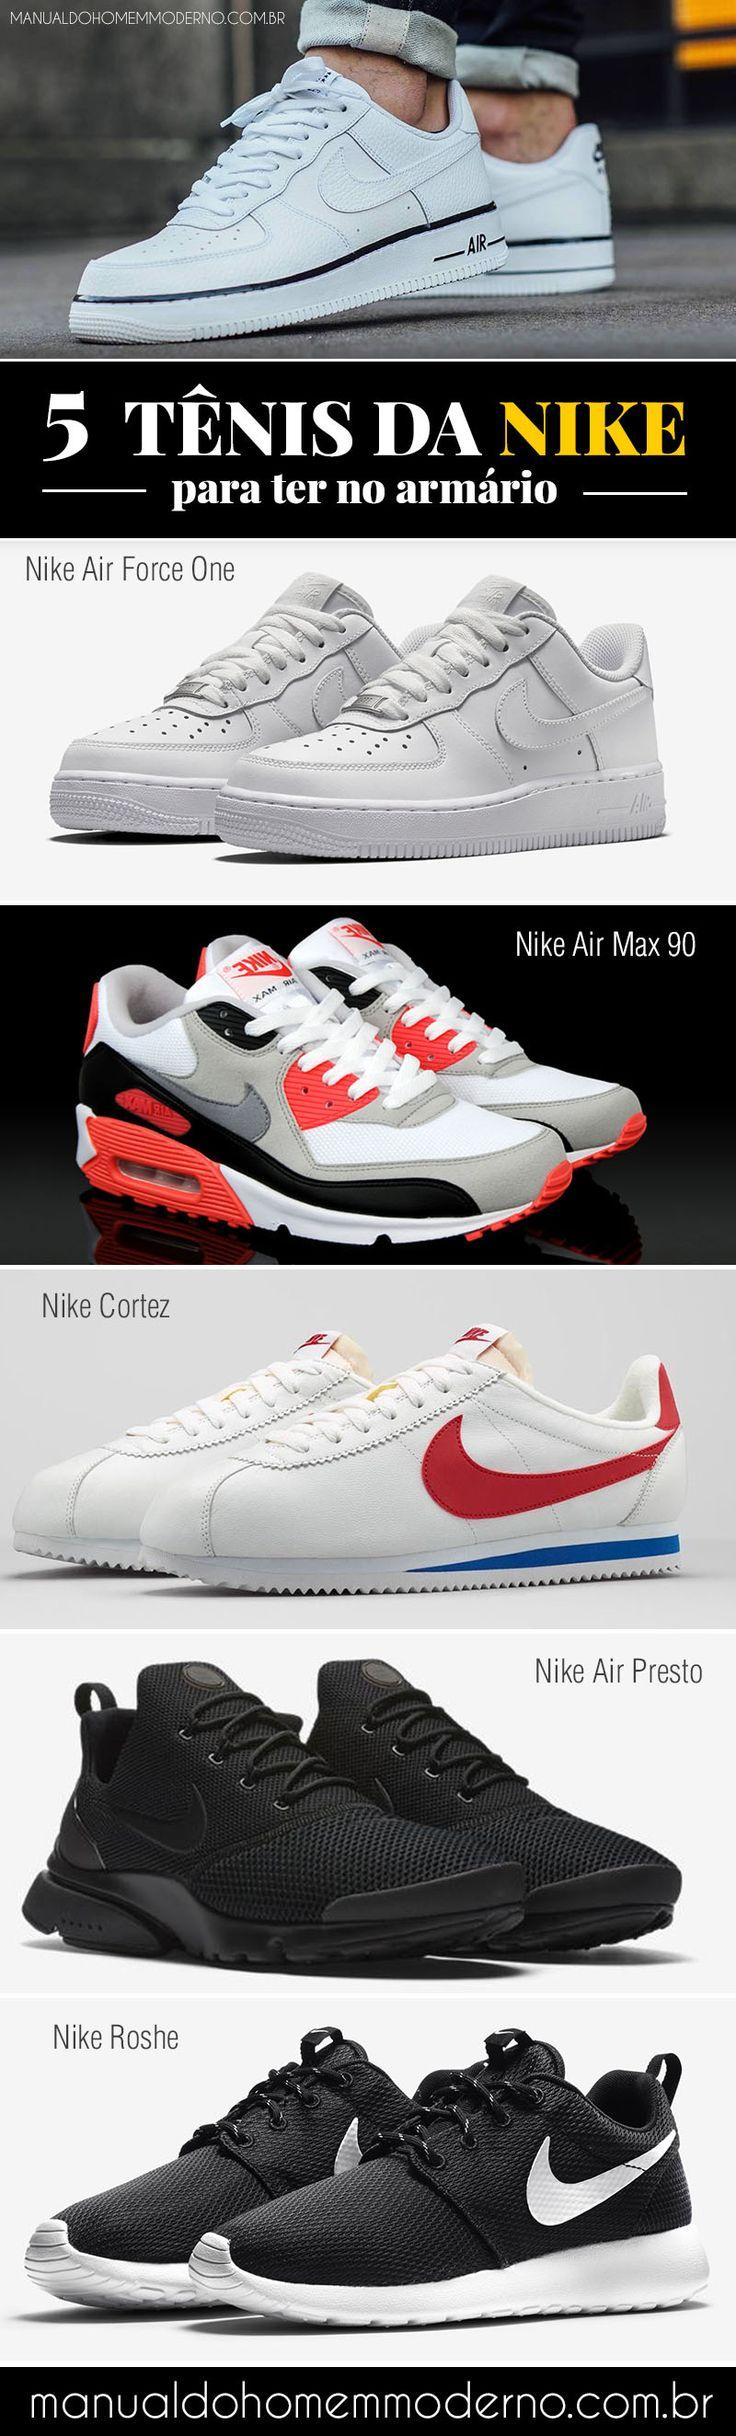 5 tênis masculinos da Nike para ter no armário.